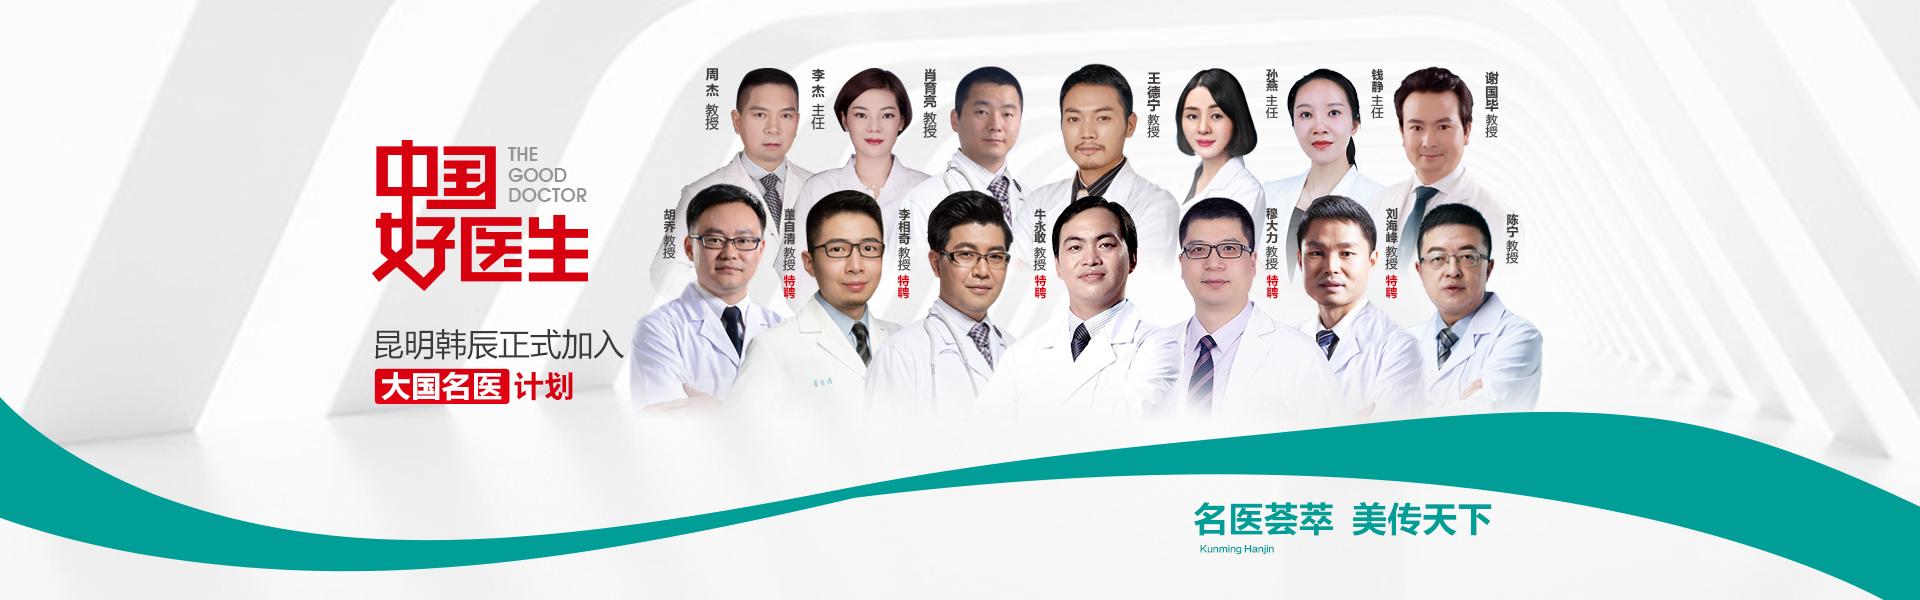 中国好医生